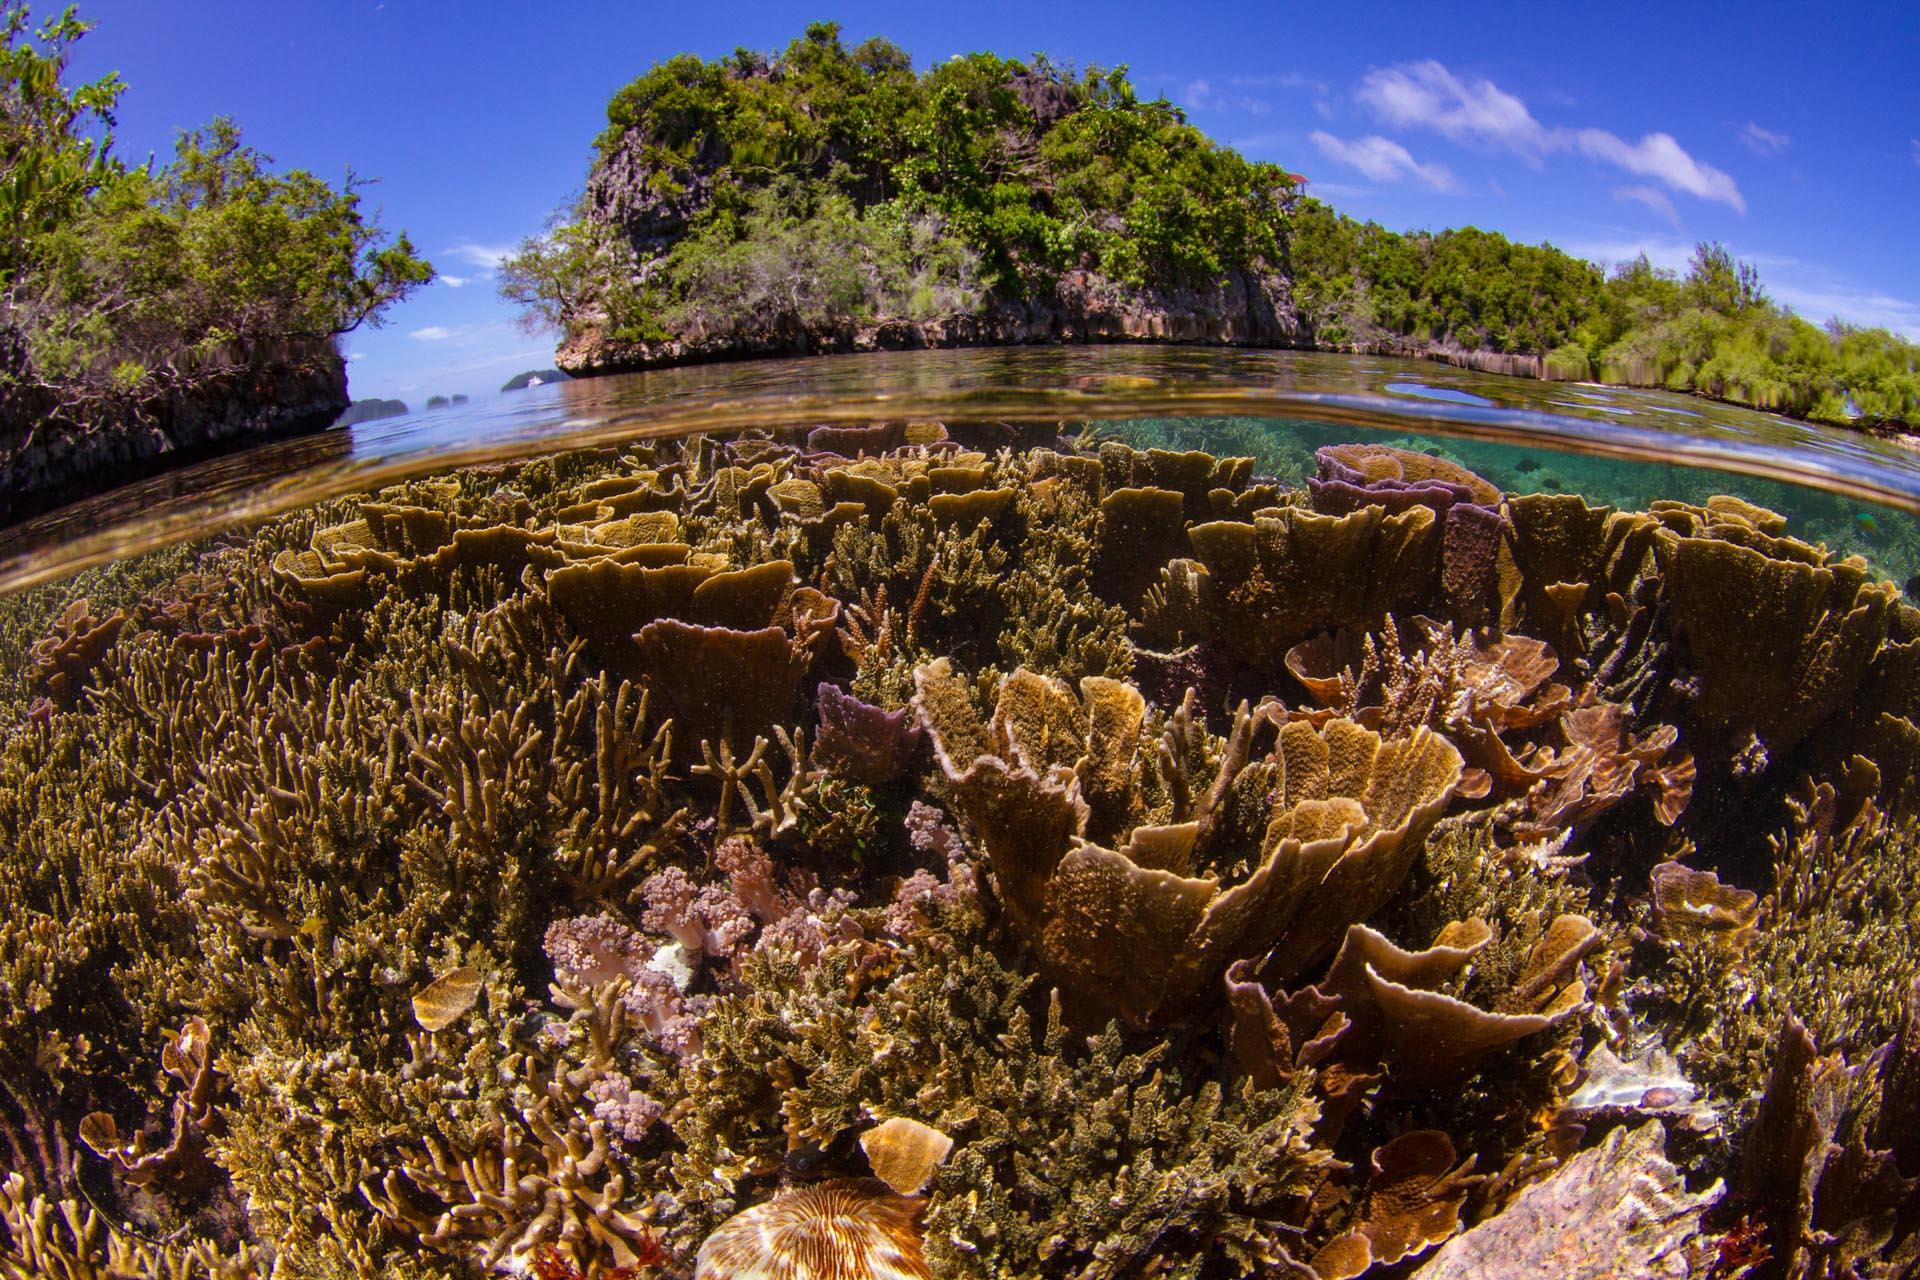 split shot of hard coral reef and raja ampat islands